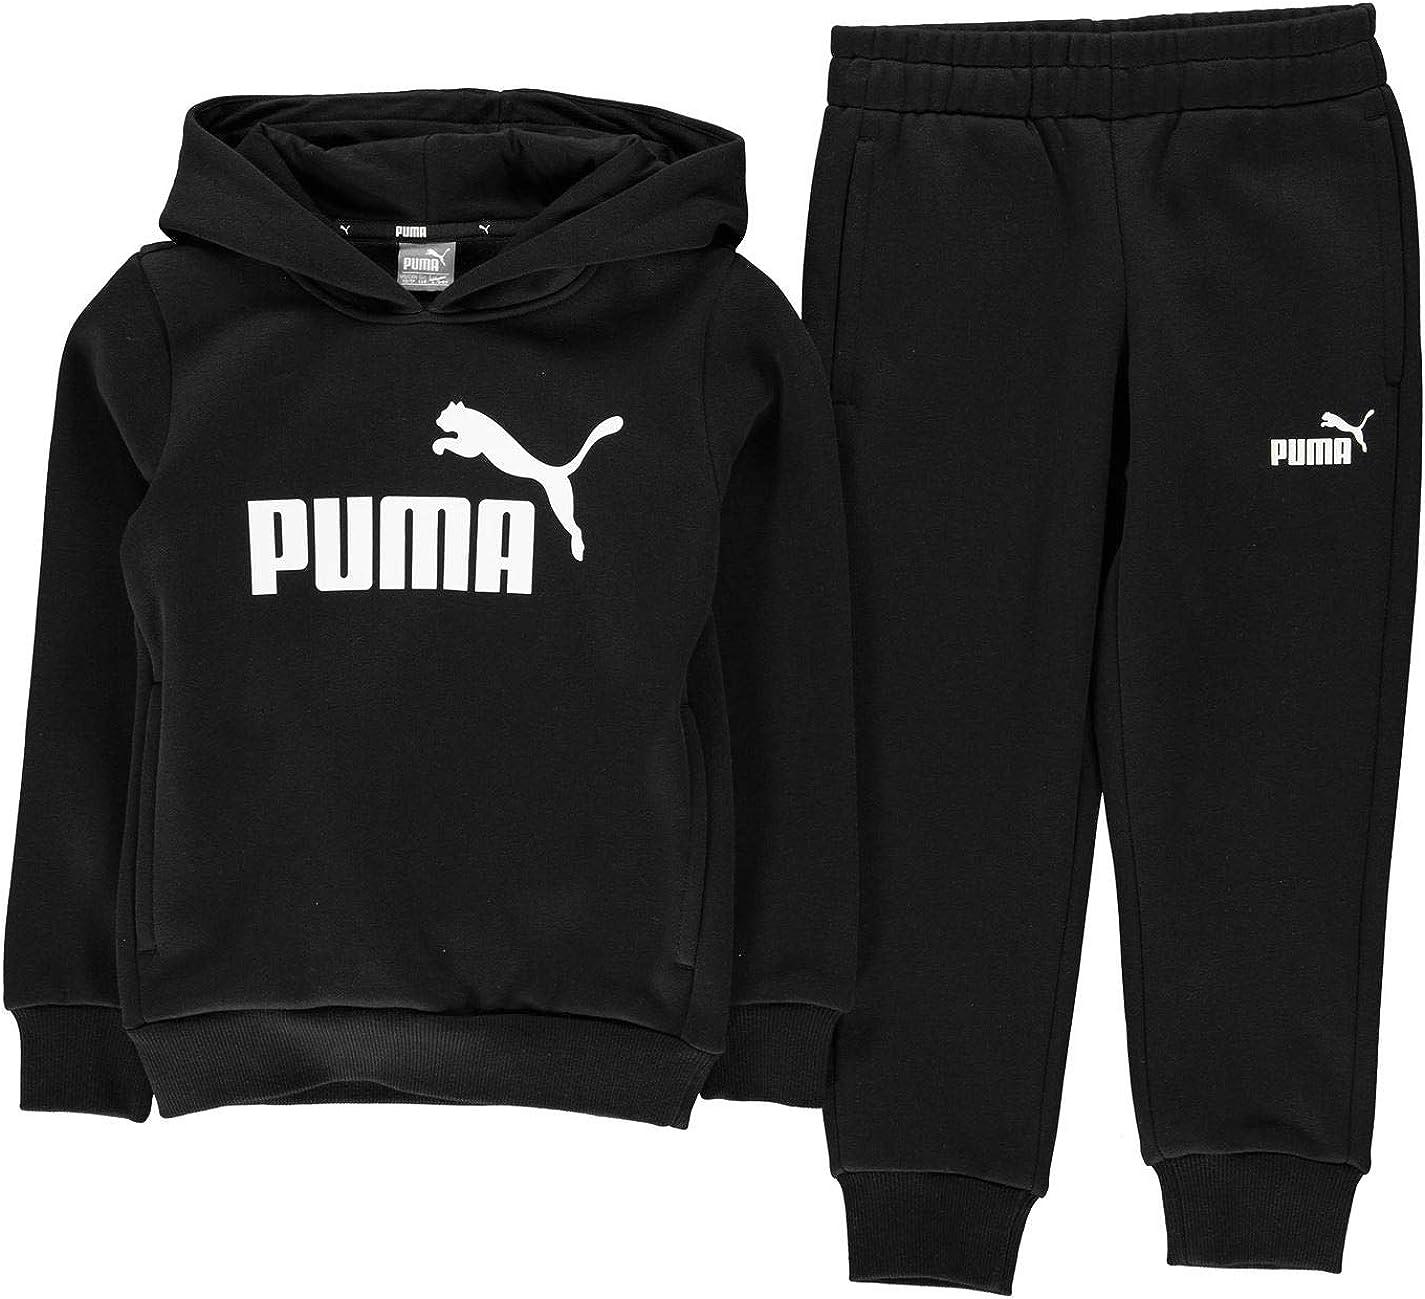 PUMA - Sudadera con Capucha y Pantalones para niño Blanco y Negro ...